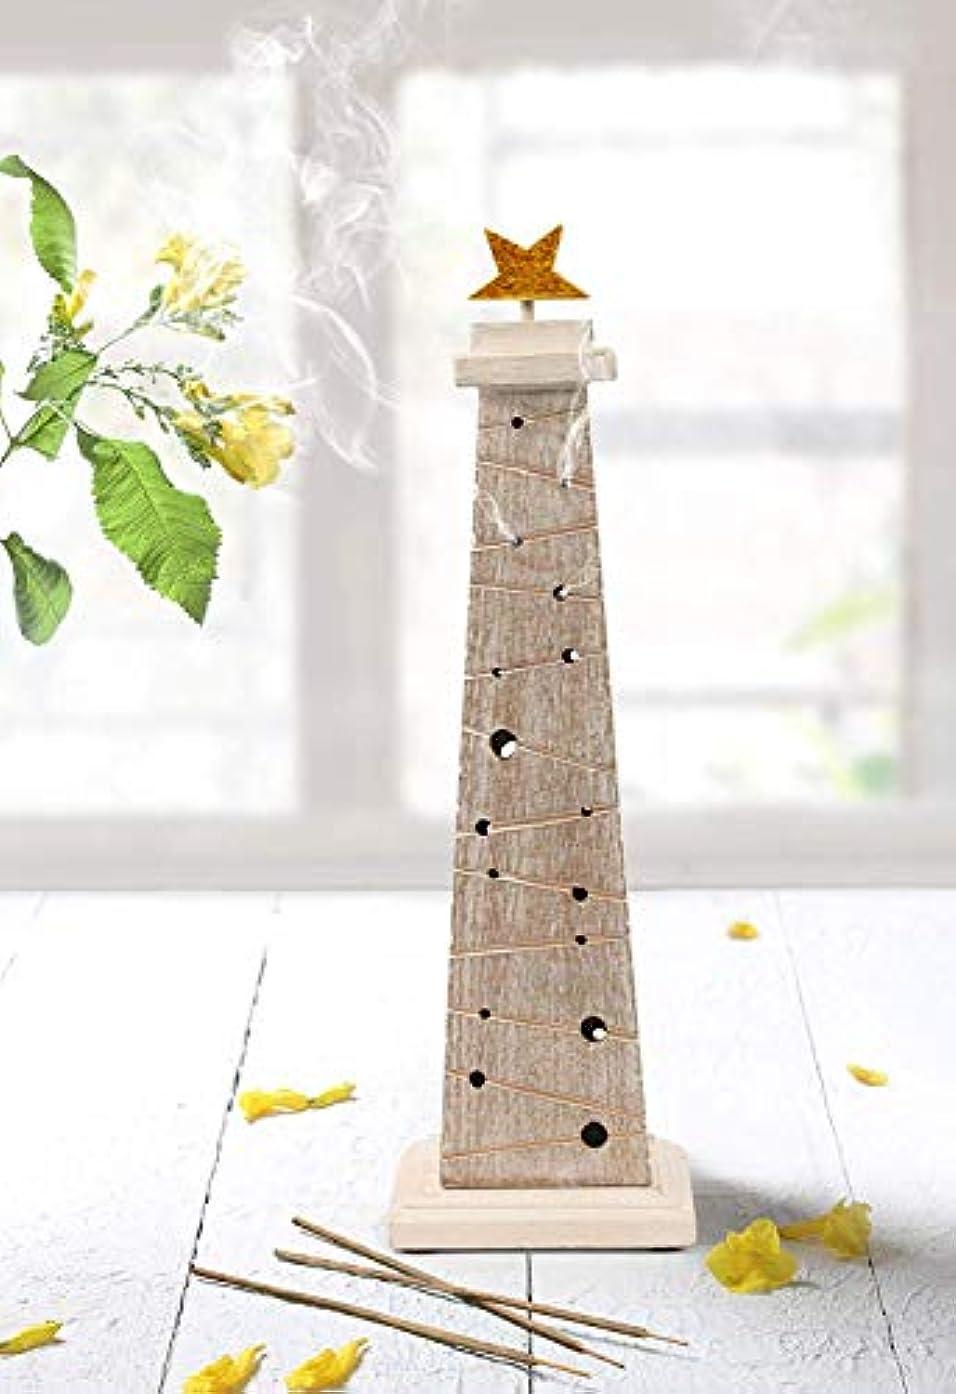 ローズ聞く単語storeindya 感謝祭ギフト 木製クリスマスツリーのお香 高さ14インチ ホワイトとゴールド ゴールド箔 新築祝いに最適